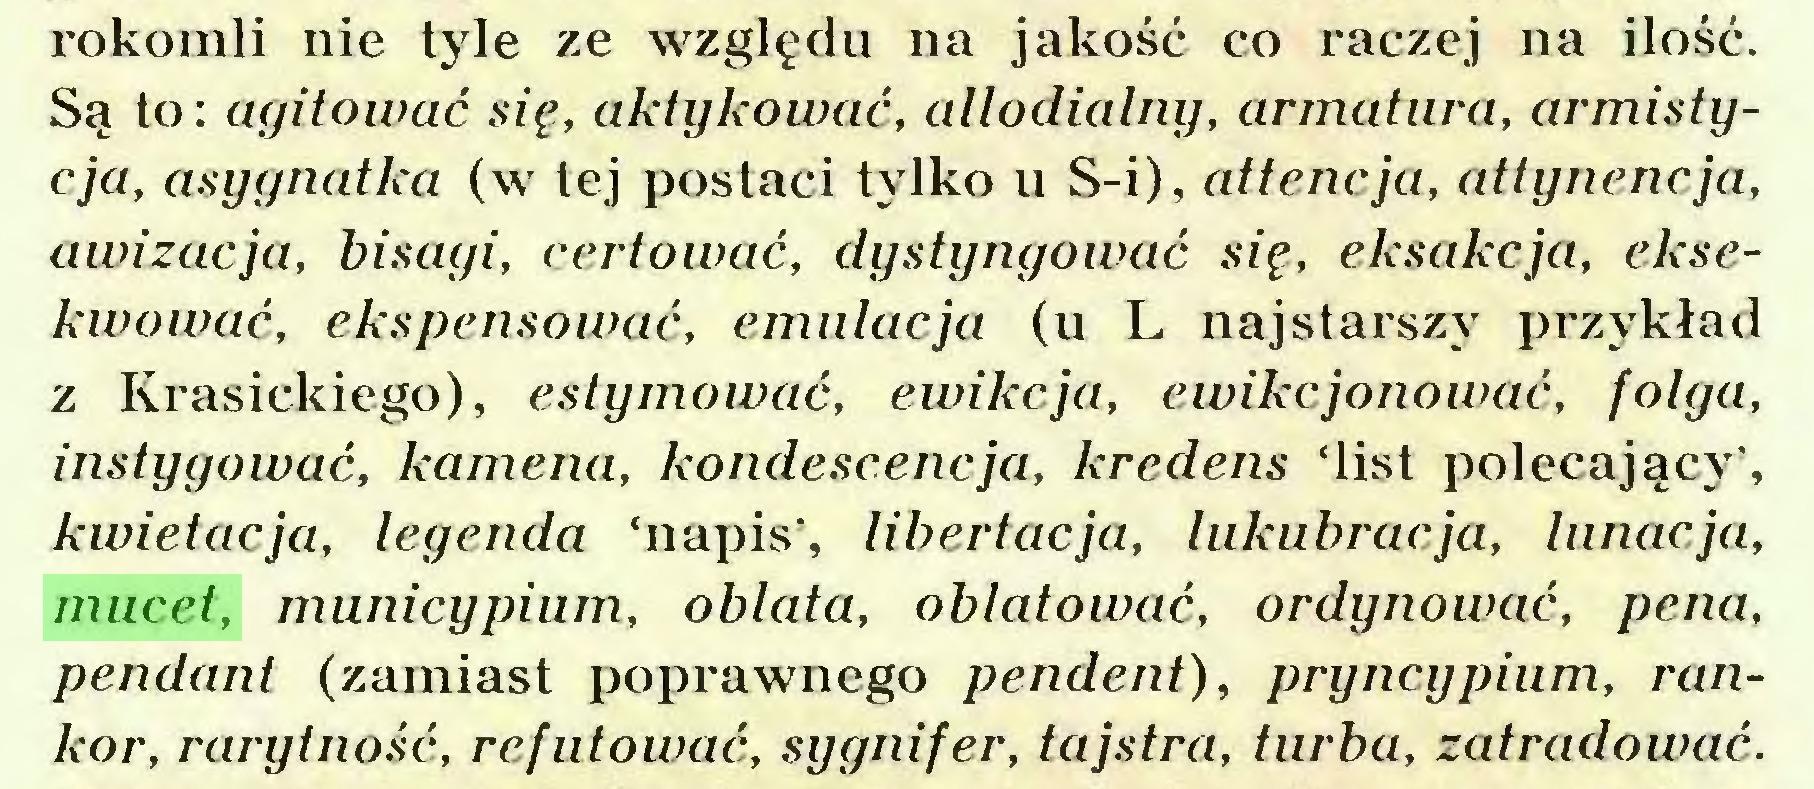 (...) rokomli nie tyle ze względu na jakość co raczej na ilość. Są to: agitować się, aktykować, allodialny, armatura, armistycja, asygnatka (w tej postaci tylko u S-i), attencja, attynencja, awizacja, bisagi, certować, dystyngować się, eksakcja, eksekwować, ekspensować, emulacja (u L najstarszy przykład z Krasickiego), estymować, ewikcja, ewikcjonować, folga, instygować, kamena, kondescencja, kredens 'list polecający', kwietacja, legenda 'napis', libertacja, lukubracja, lunacja, mucet, municypium, oblata, oblatować, ordynować, pena, pendant (zamiast poprawnego pendent), pryncypium, rankor, rarytność, refutować, sygnifer, tajstra, turba, zatradować...